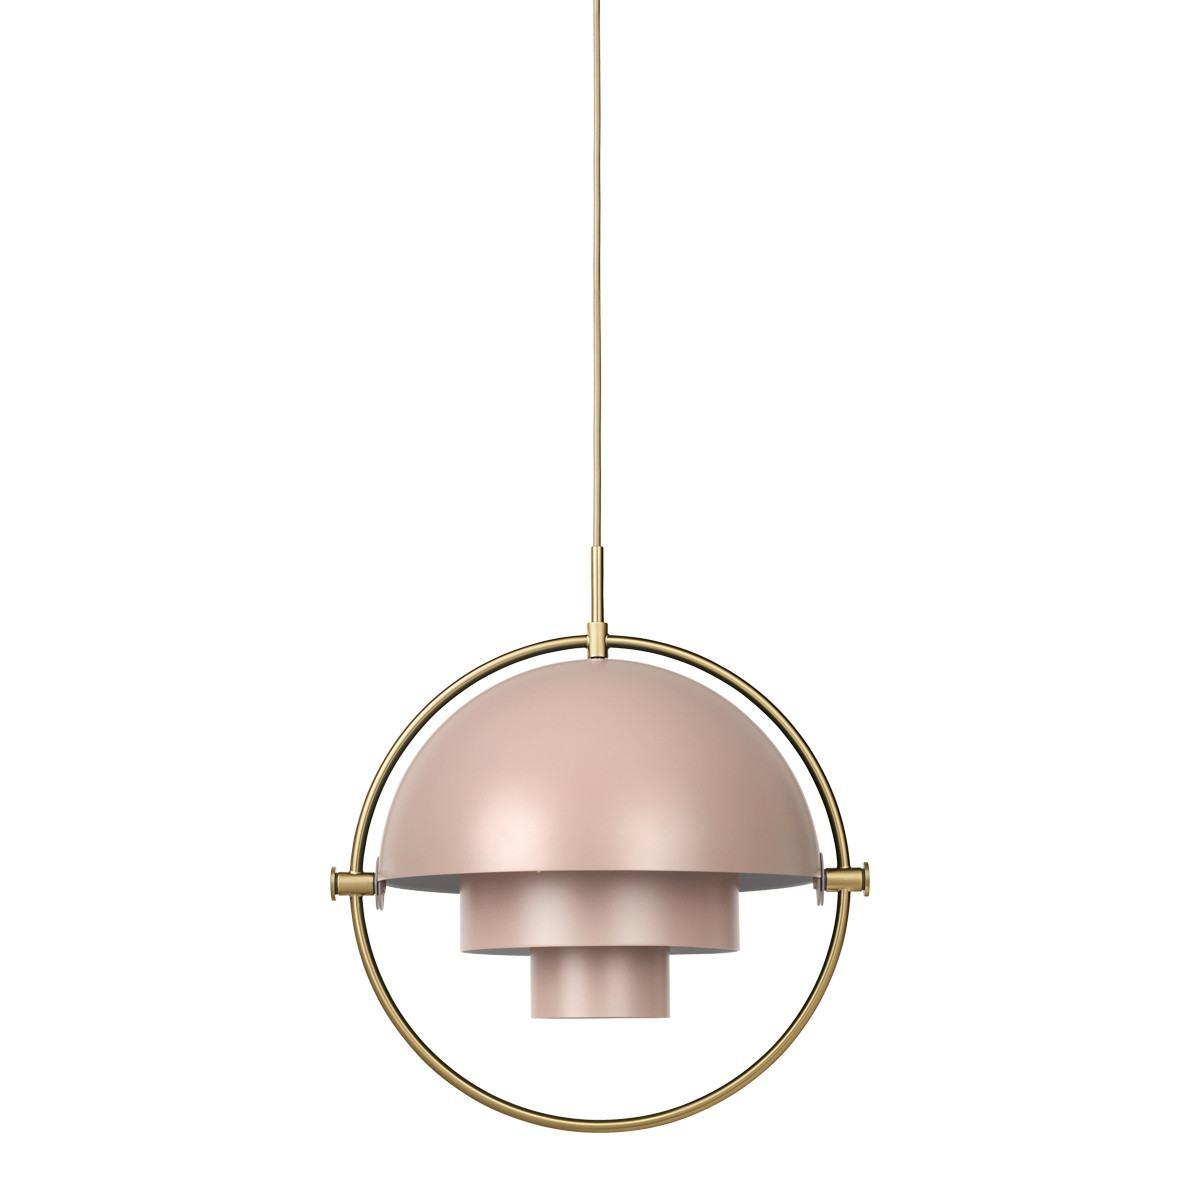 Gubi Multi-Lite Pendant Light - Brass